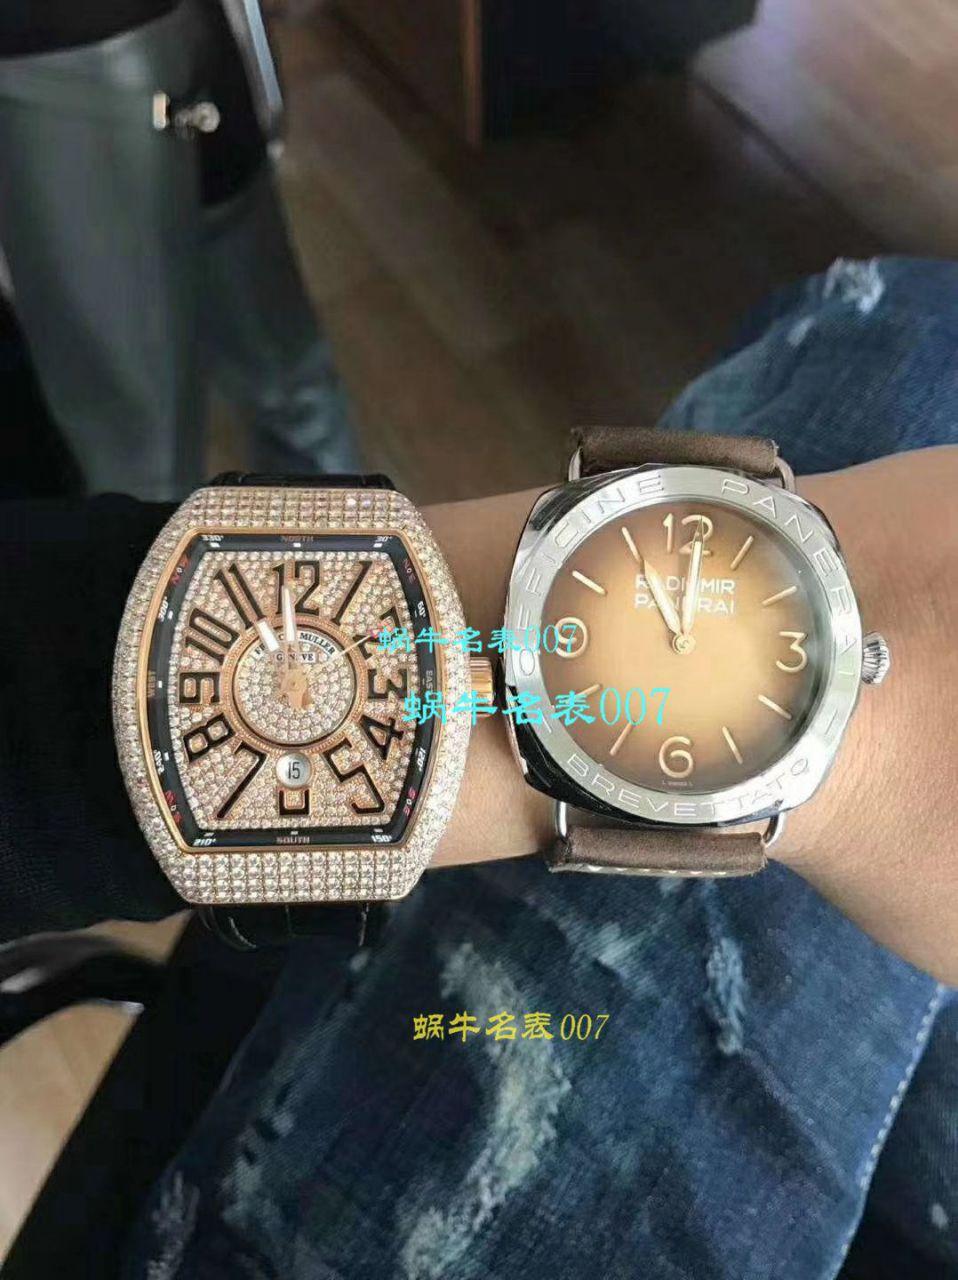 【视频评测SF一比一超A精仿手表】复古神器沛纳海PAM00687手表